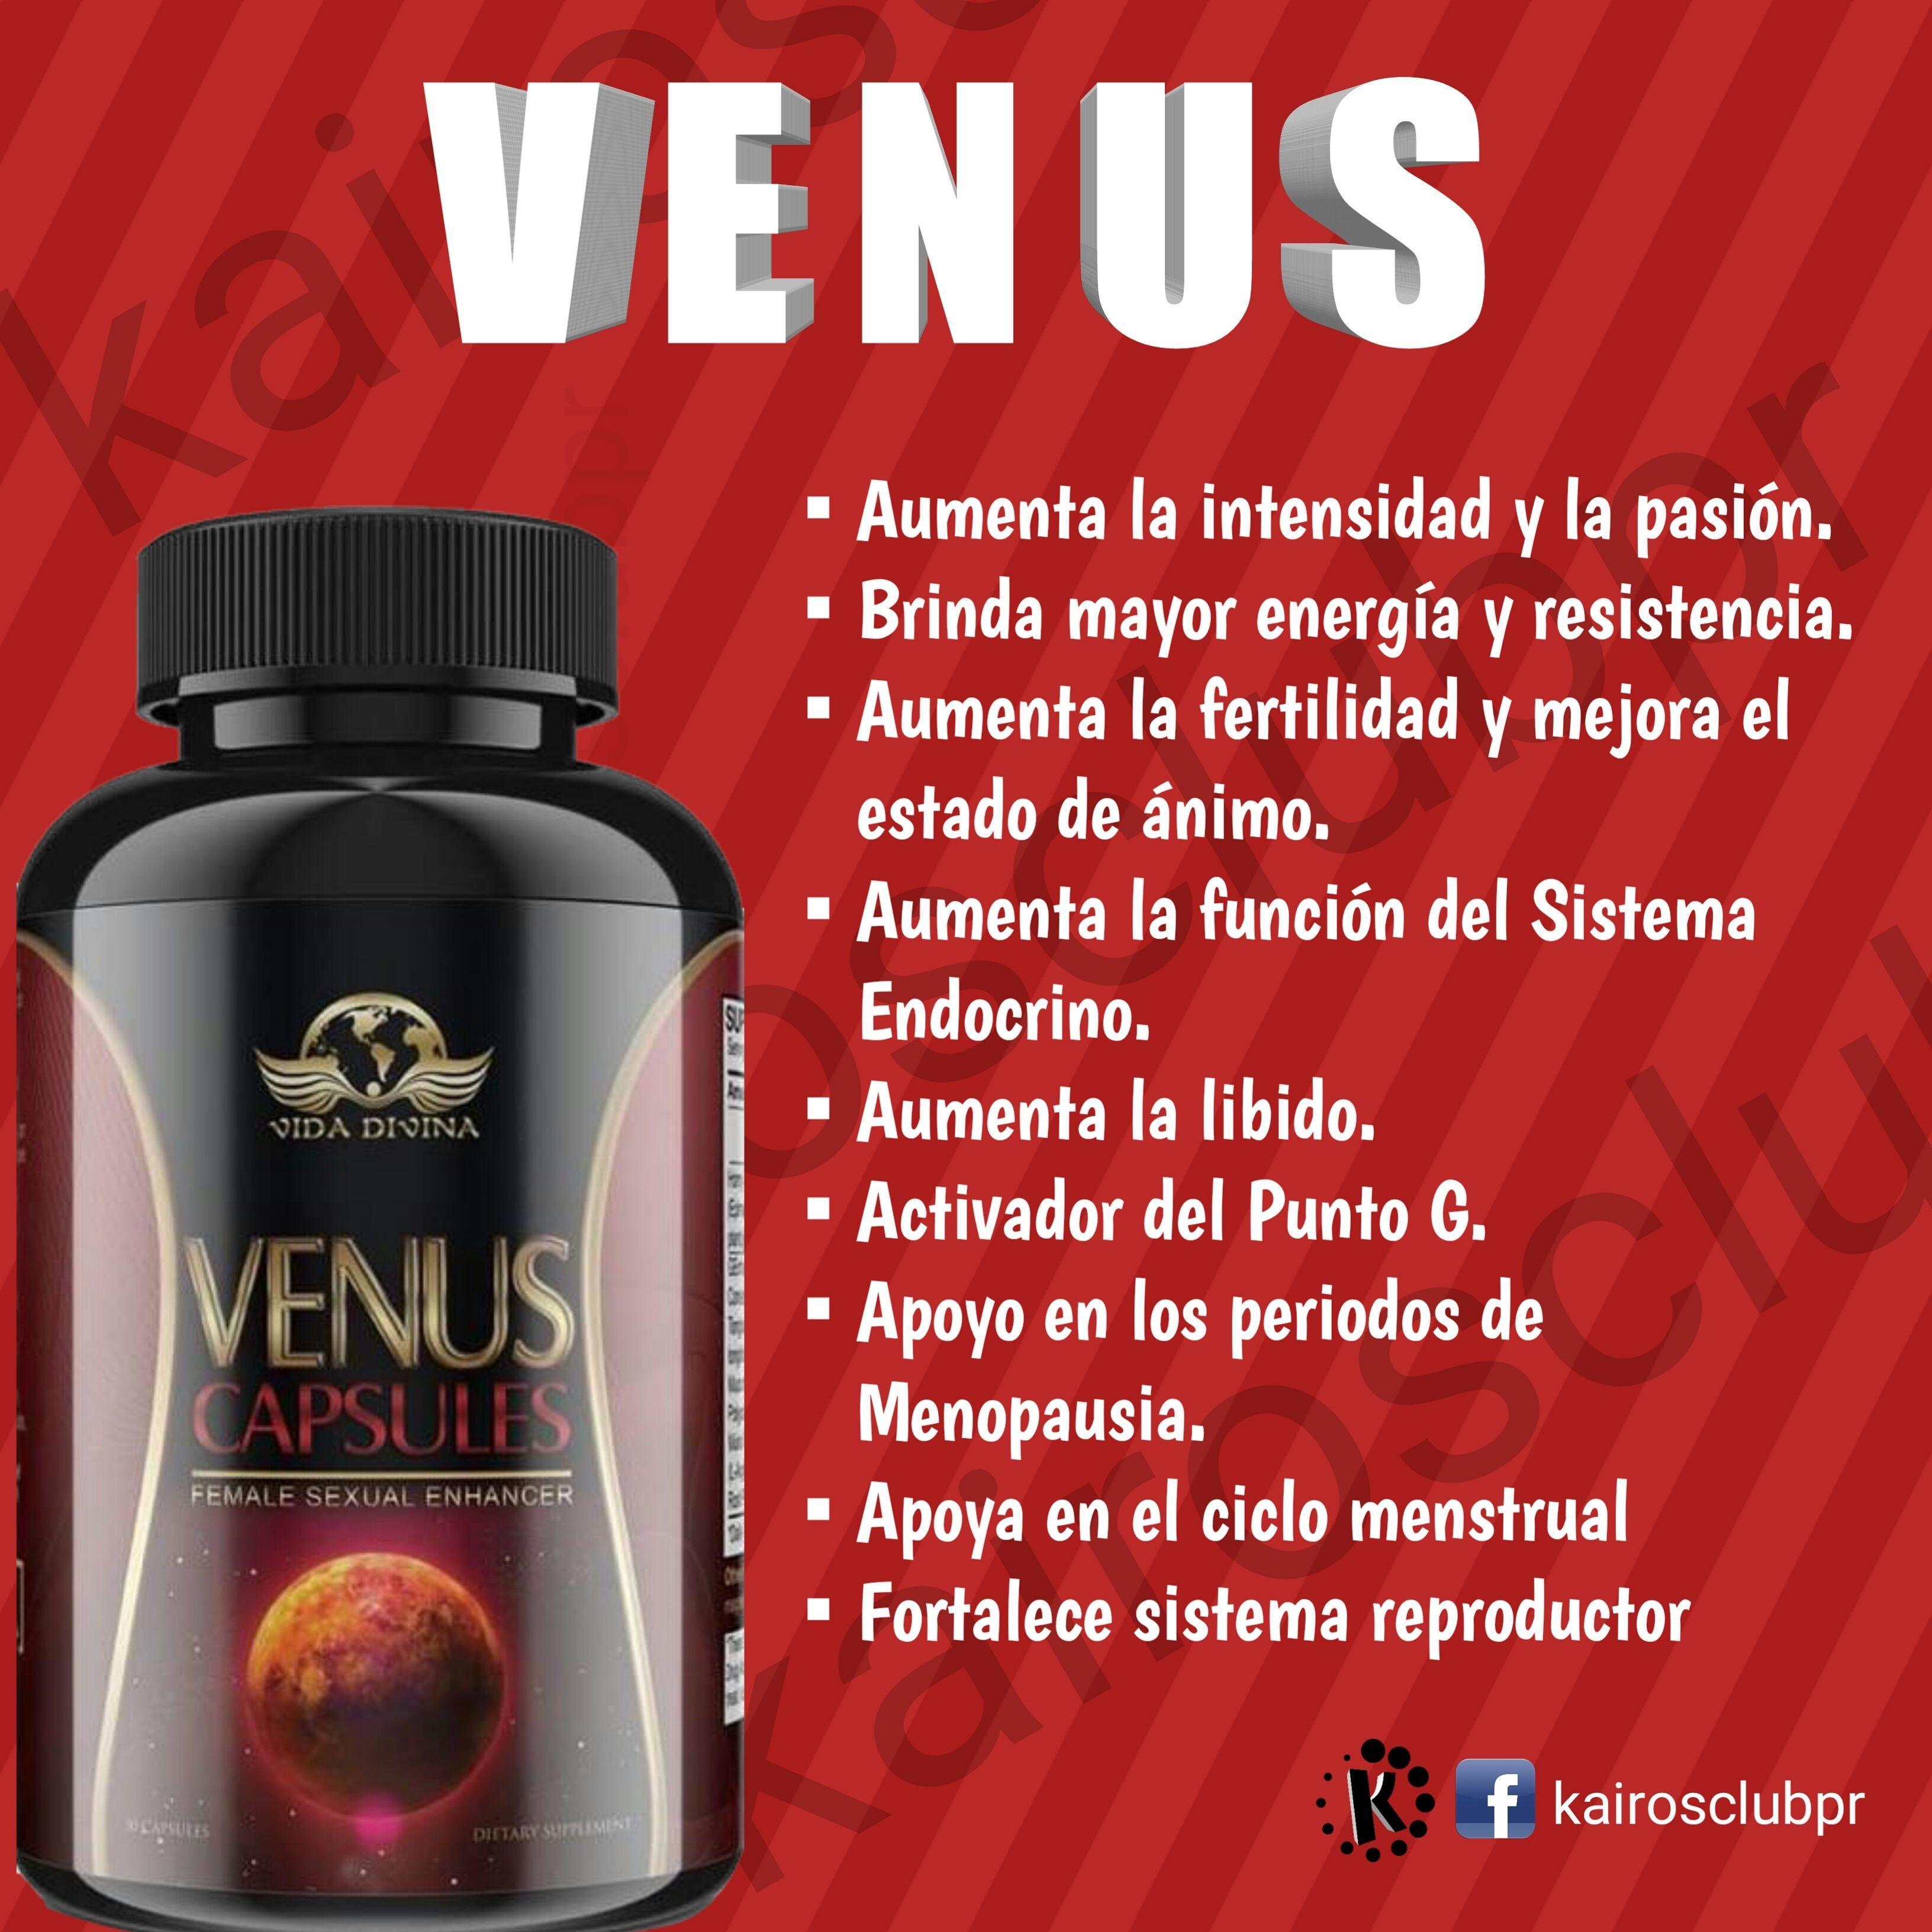 Venus Capsules Aumenta La Intensidad Y La Pasion Brinda Mayor Energia Y Resistencia Aumenta La Fertilidad Y Mejora El Detox Tea Diet Health Tea Diet